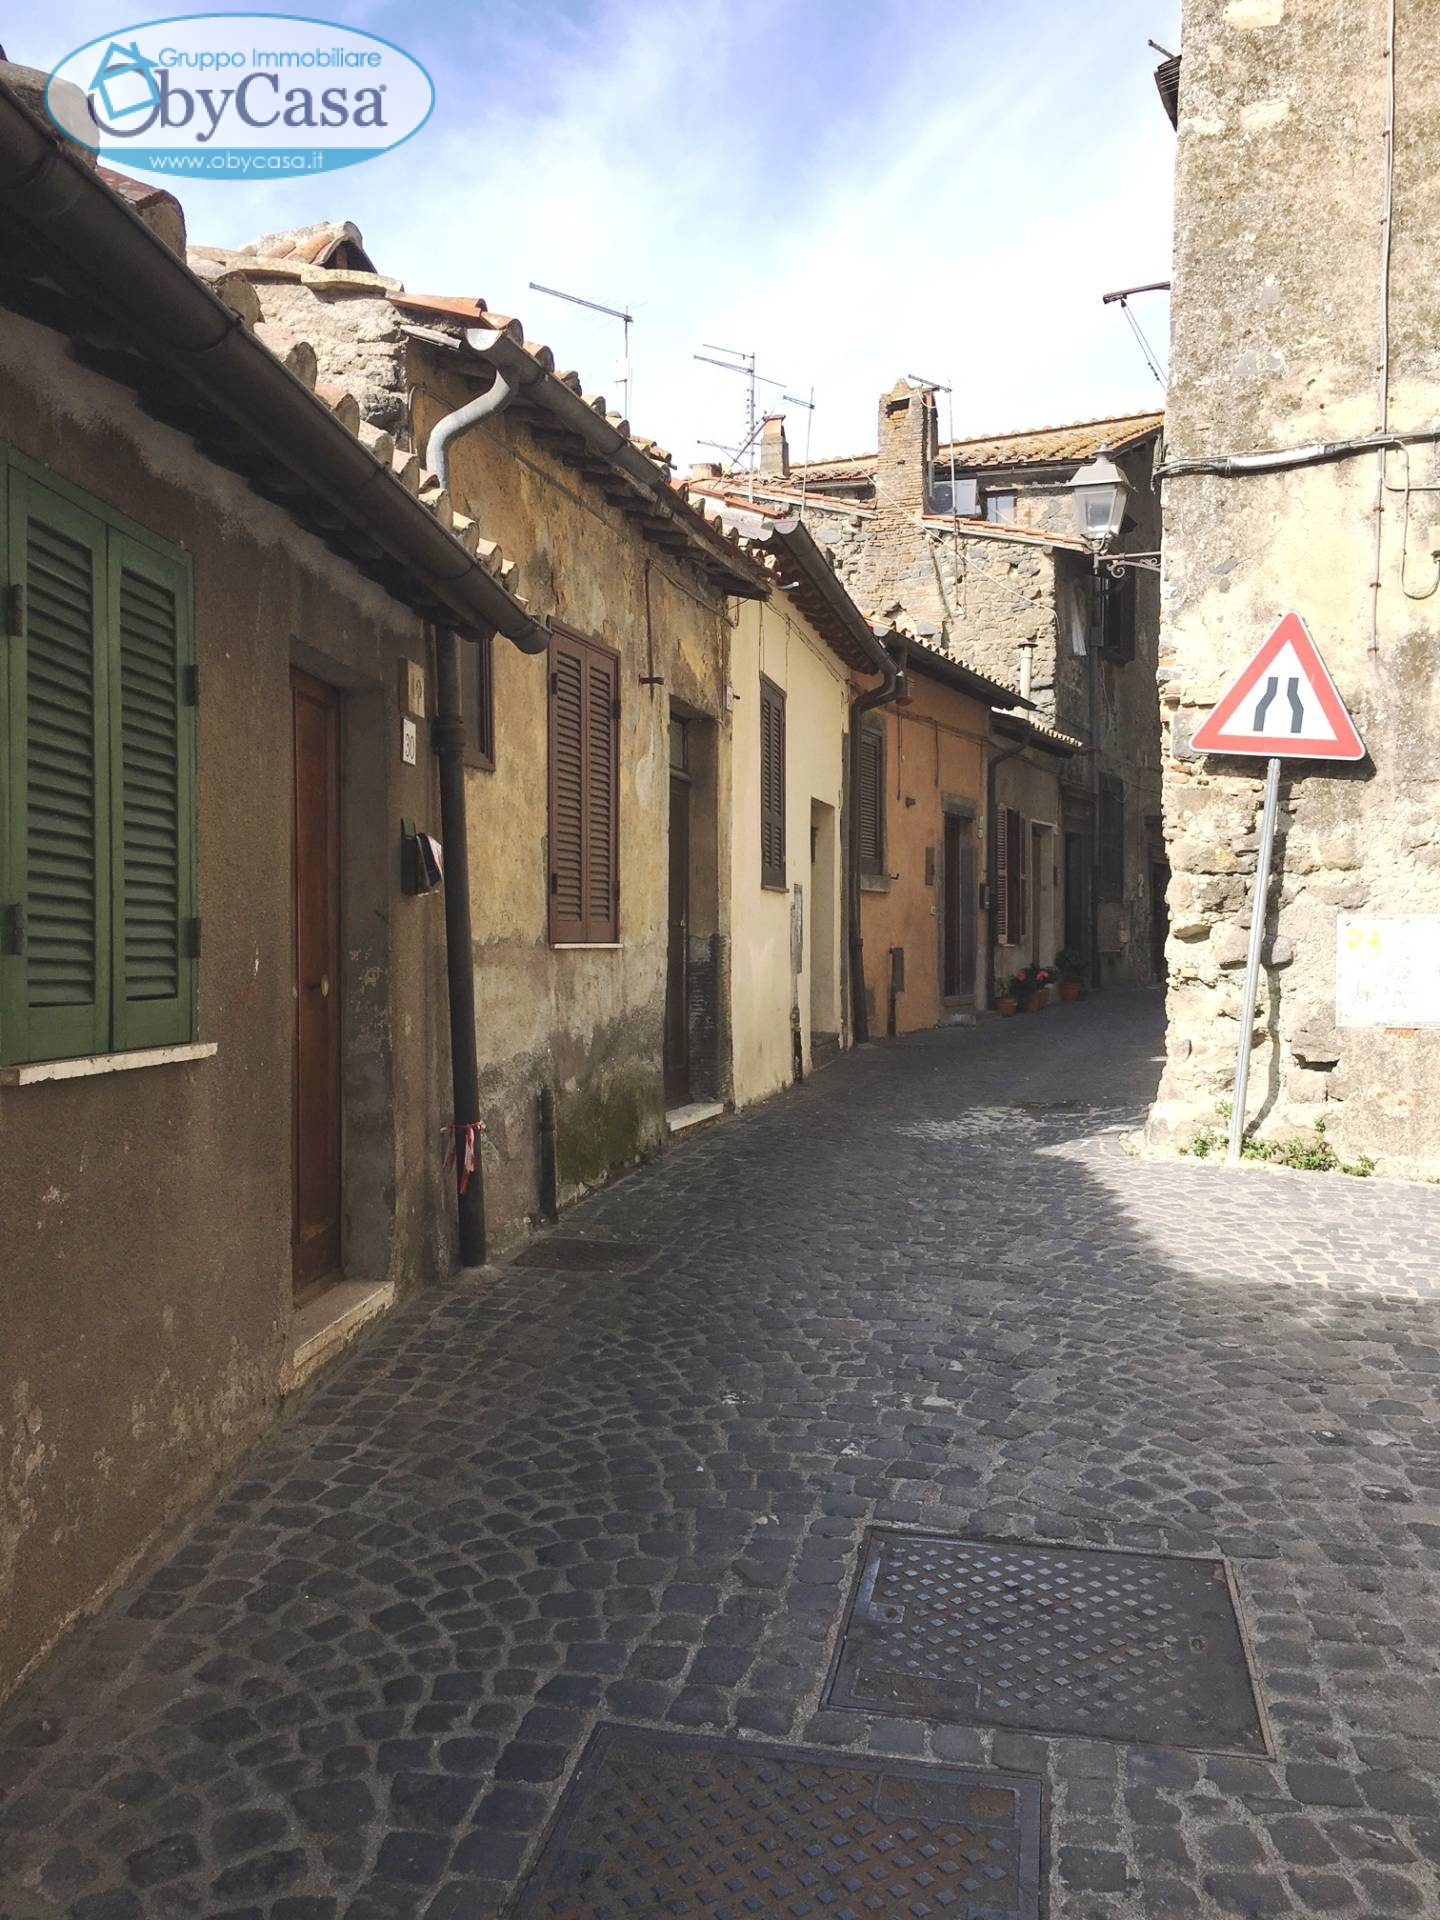 Appartamento in affitto a Bracciano, 2 locali, zona Località: centrostorico, prezzo € 600   Cambio Casa.it